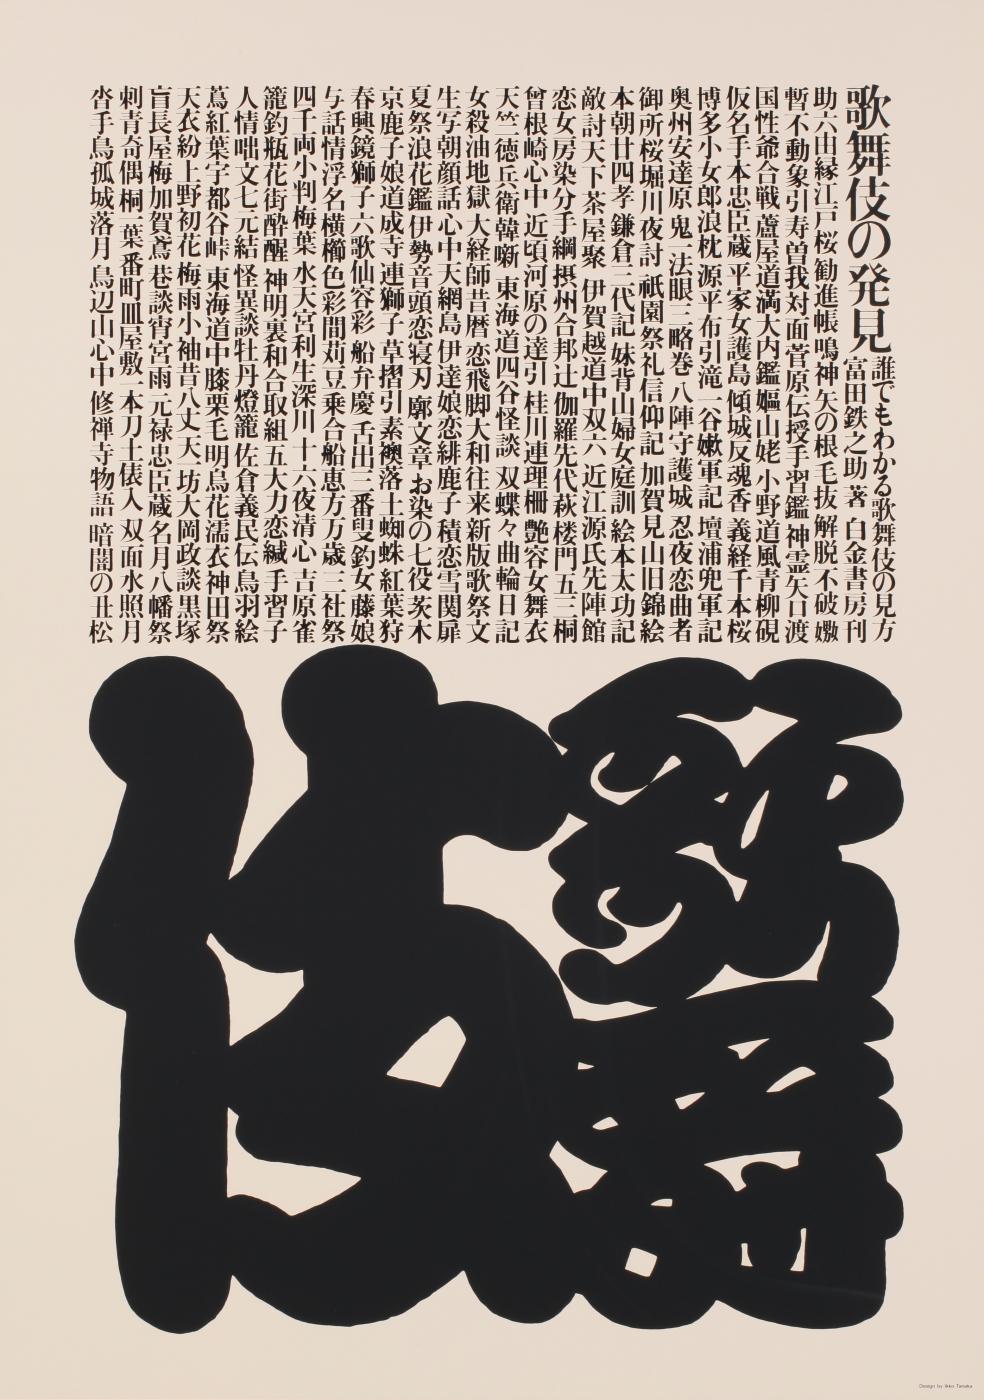 Das Neue Museum Nürnberg zeigt bis zum 18.02.18 eine Präsentation mit Werken von Ikko Tanaka, einem der einflussreichsten japanischen Grafikdesigner.